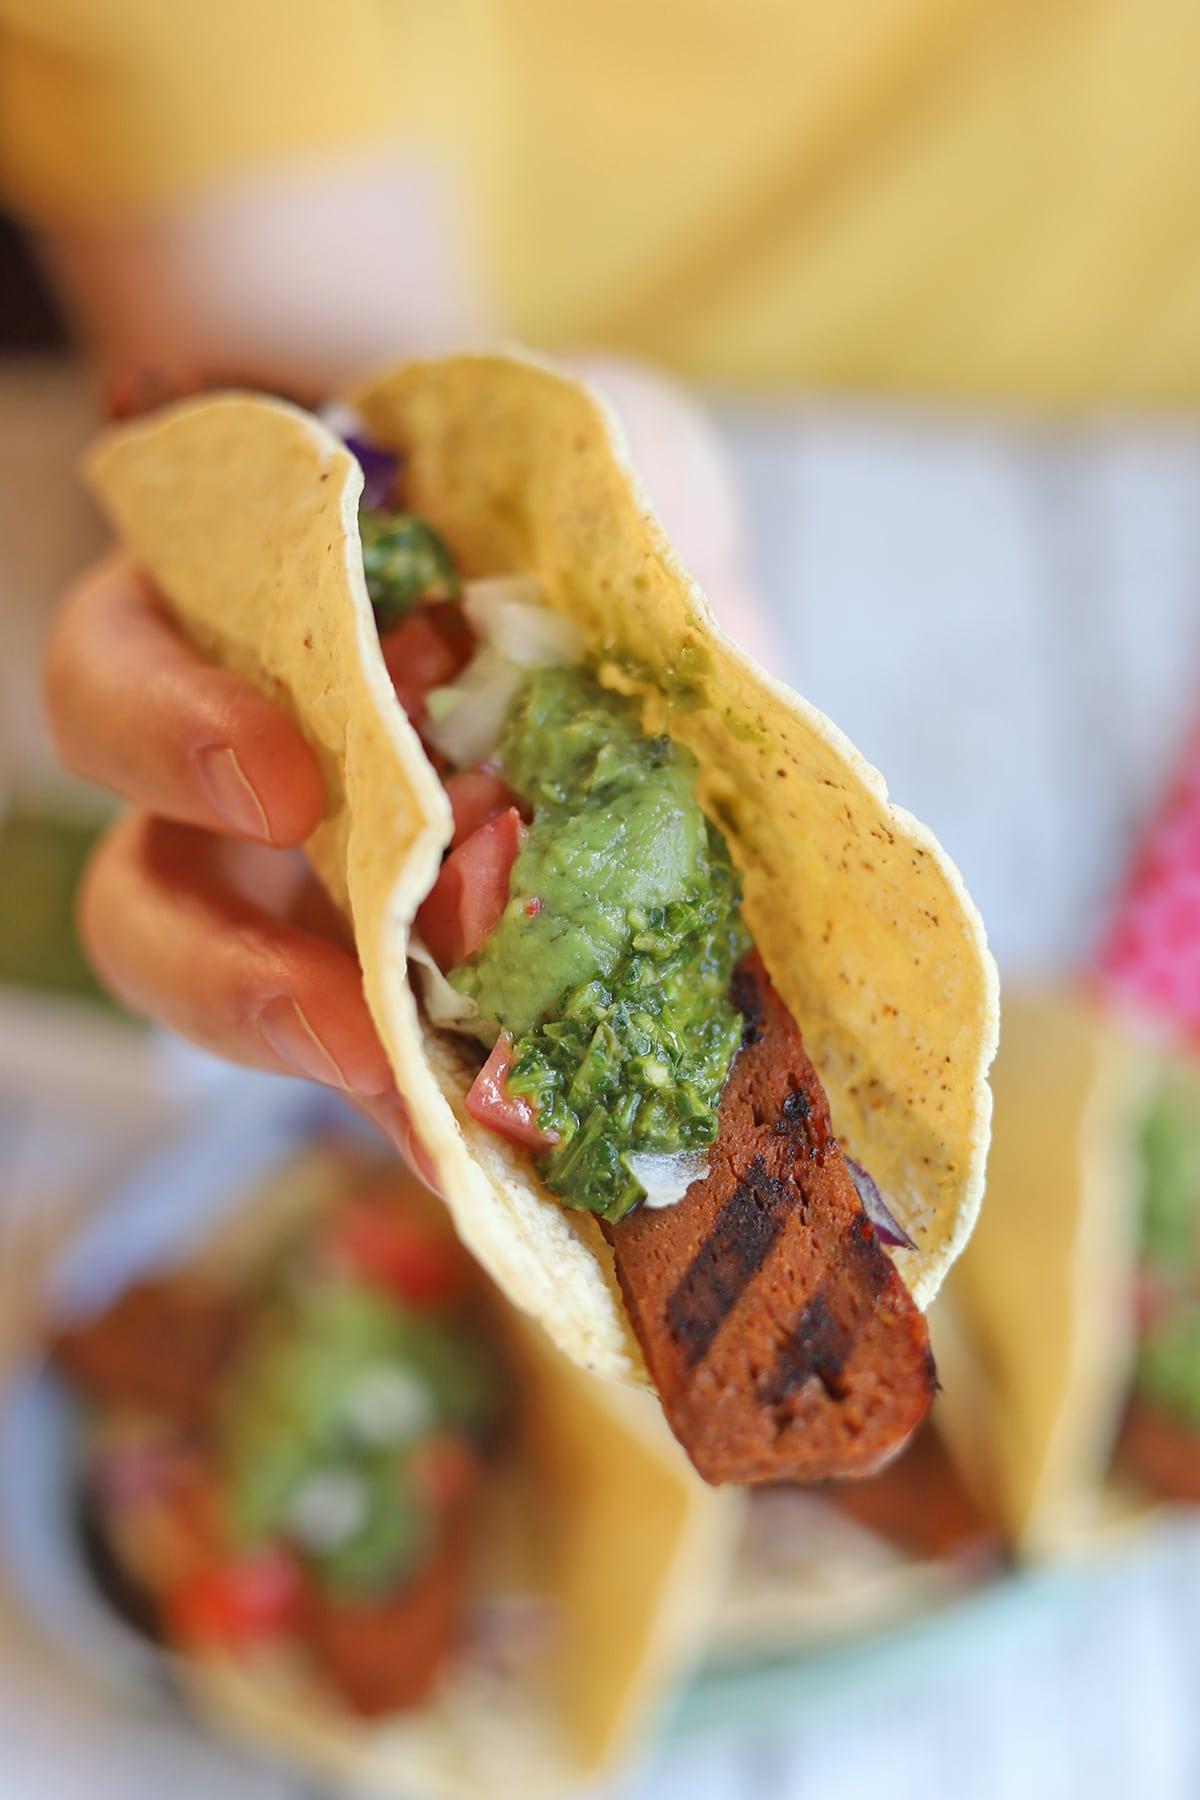 Hand holding taco.